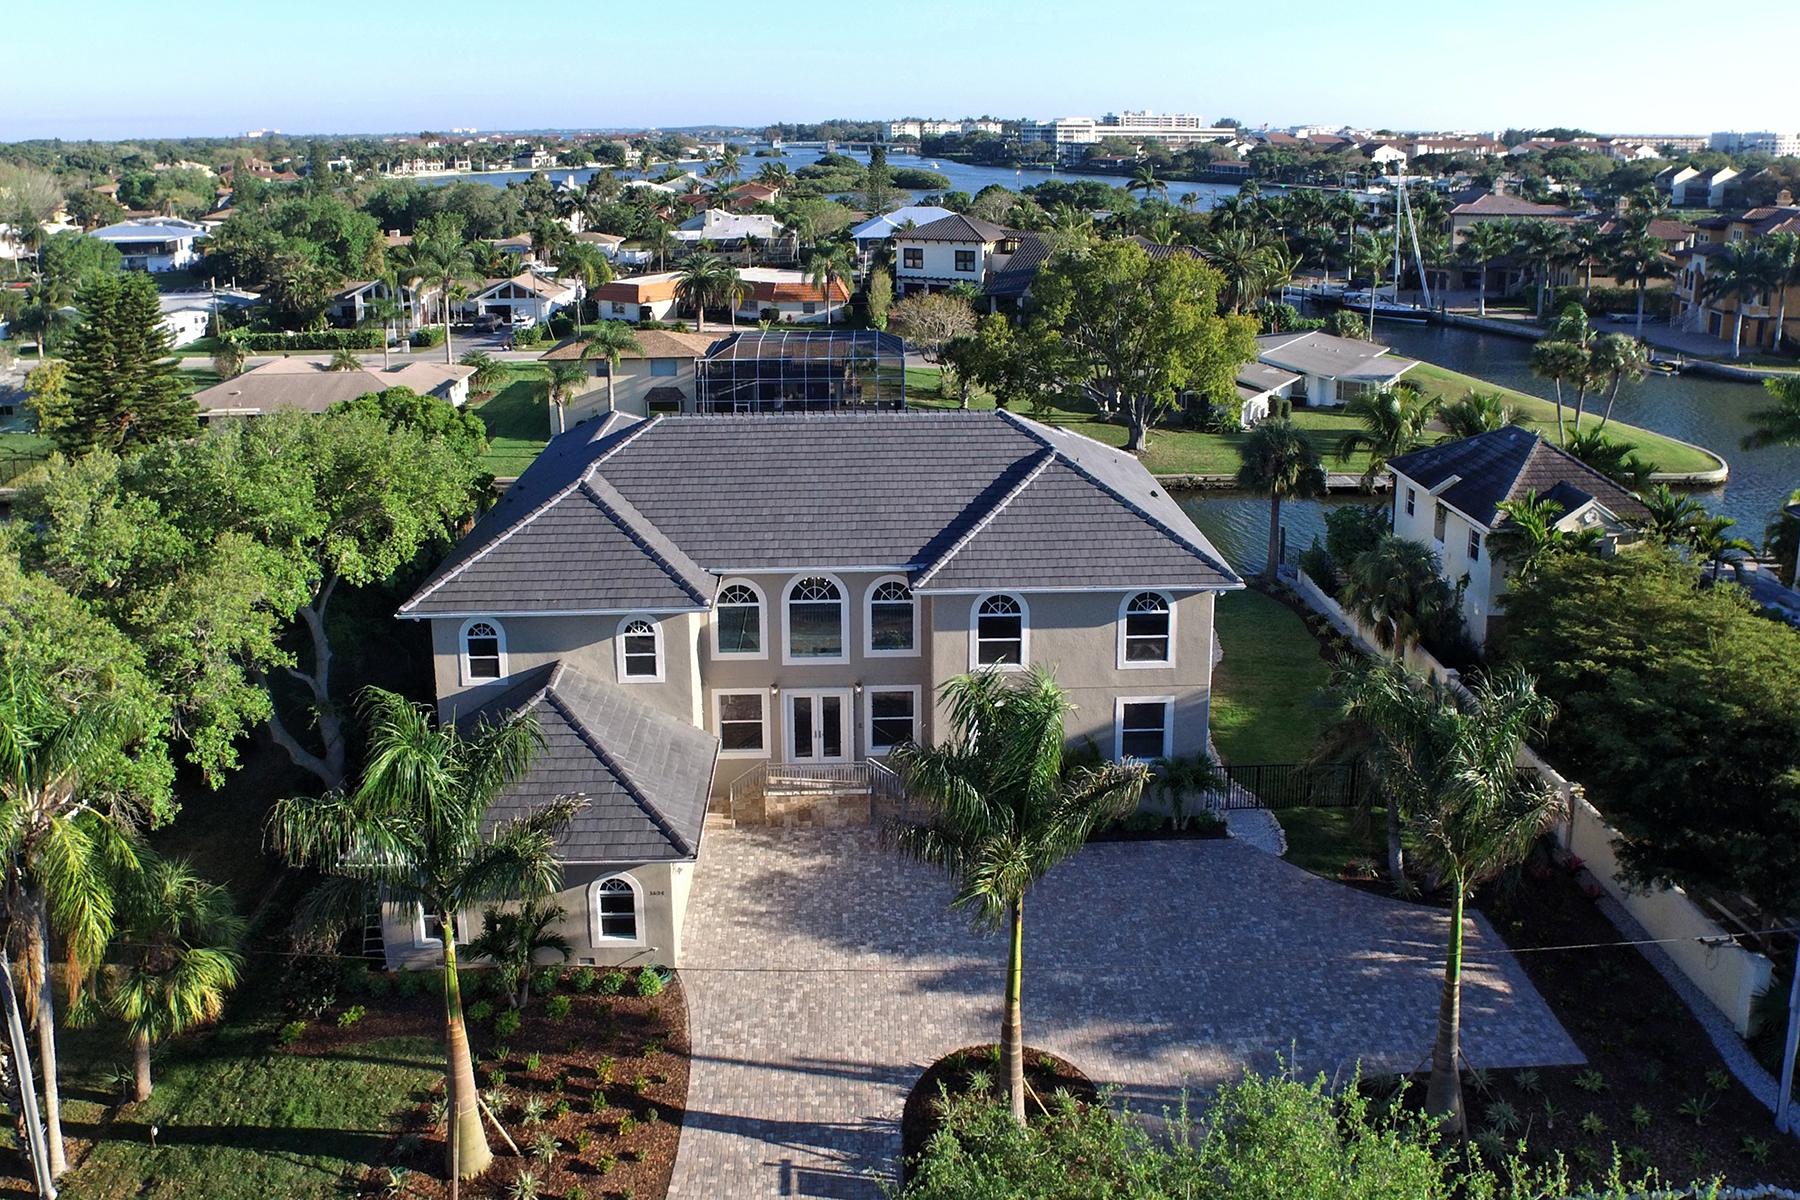 Casa Unifamiliar por un Venta en AQUALANE ESTATES 1624 Stanford Ln Sarasota, Florida 34231 Estados Unidos